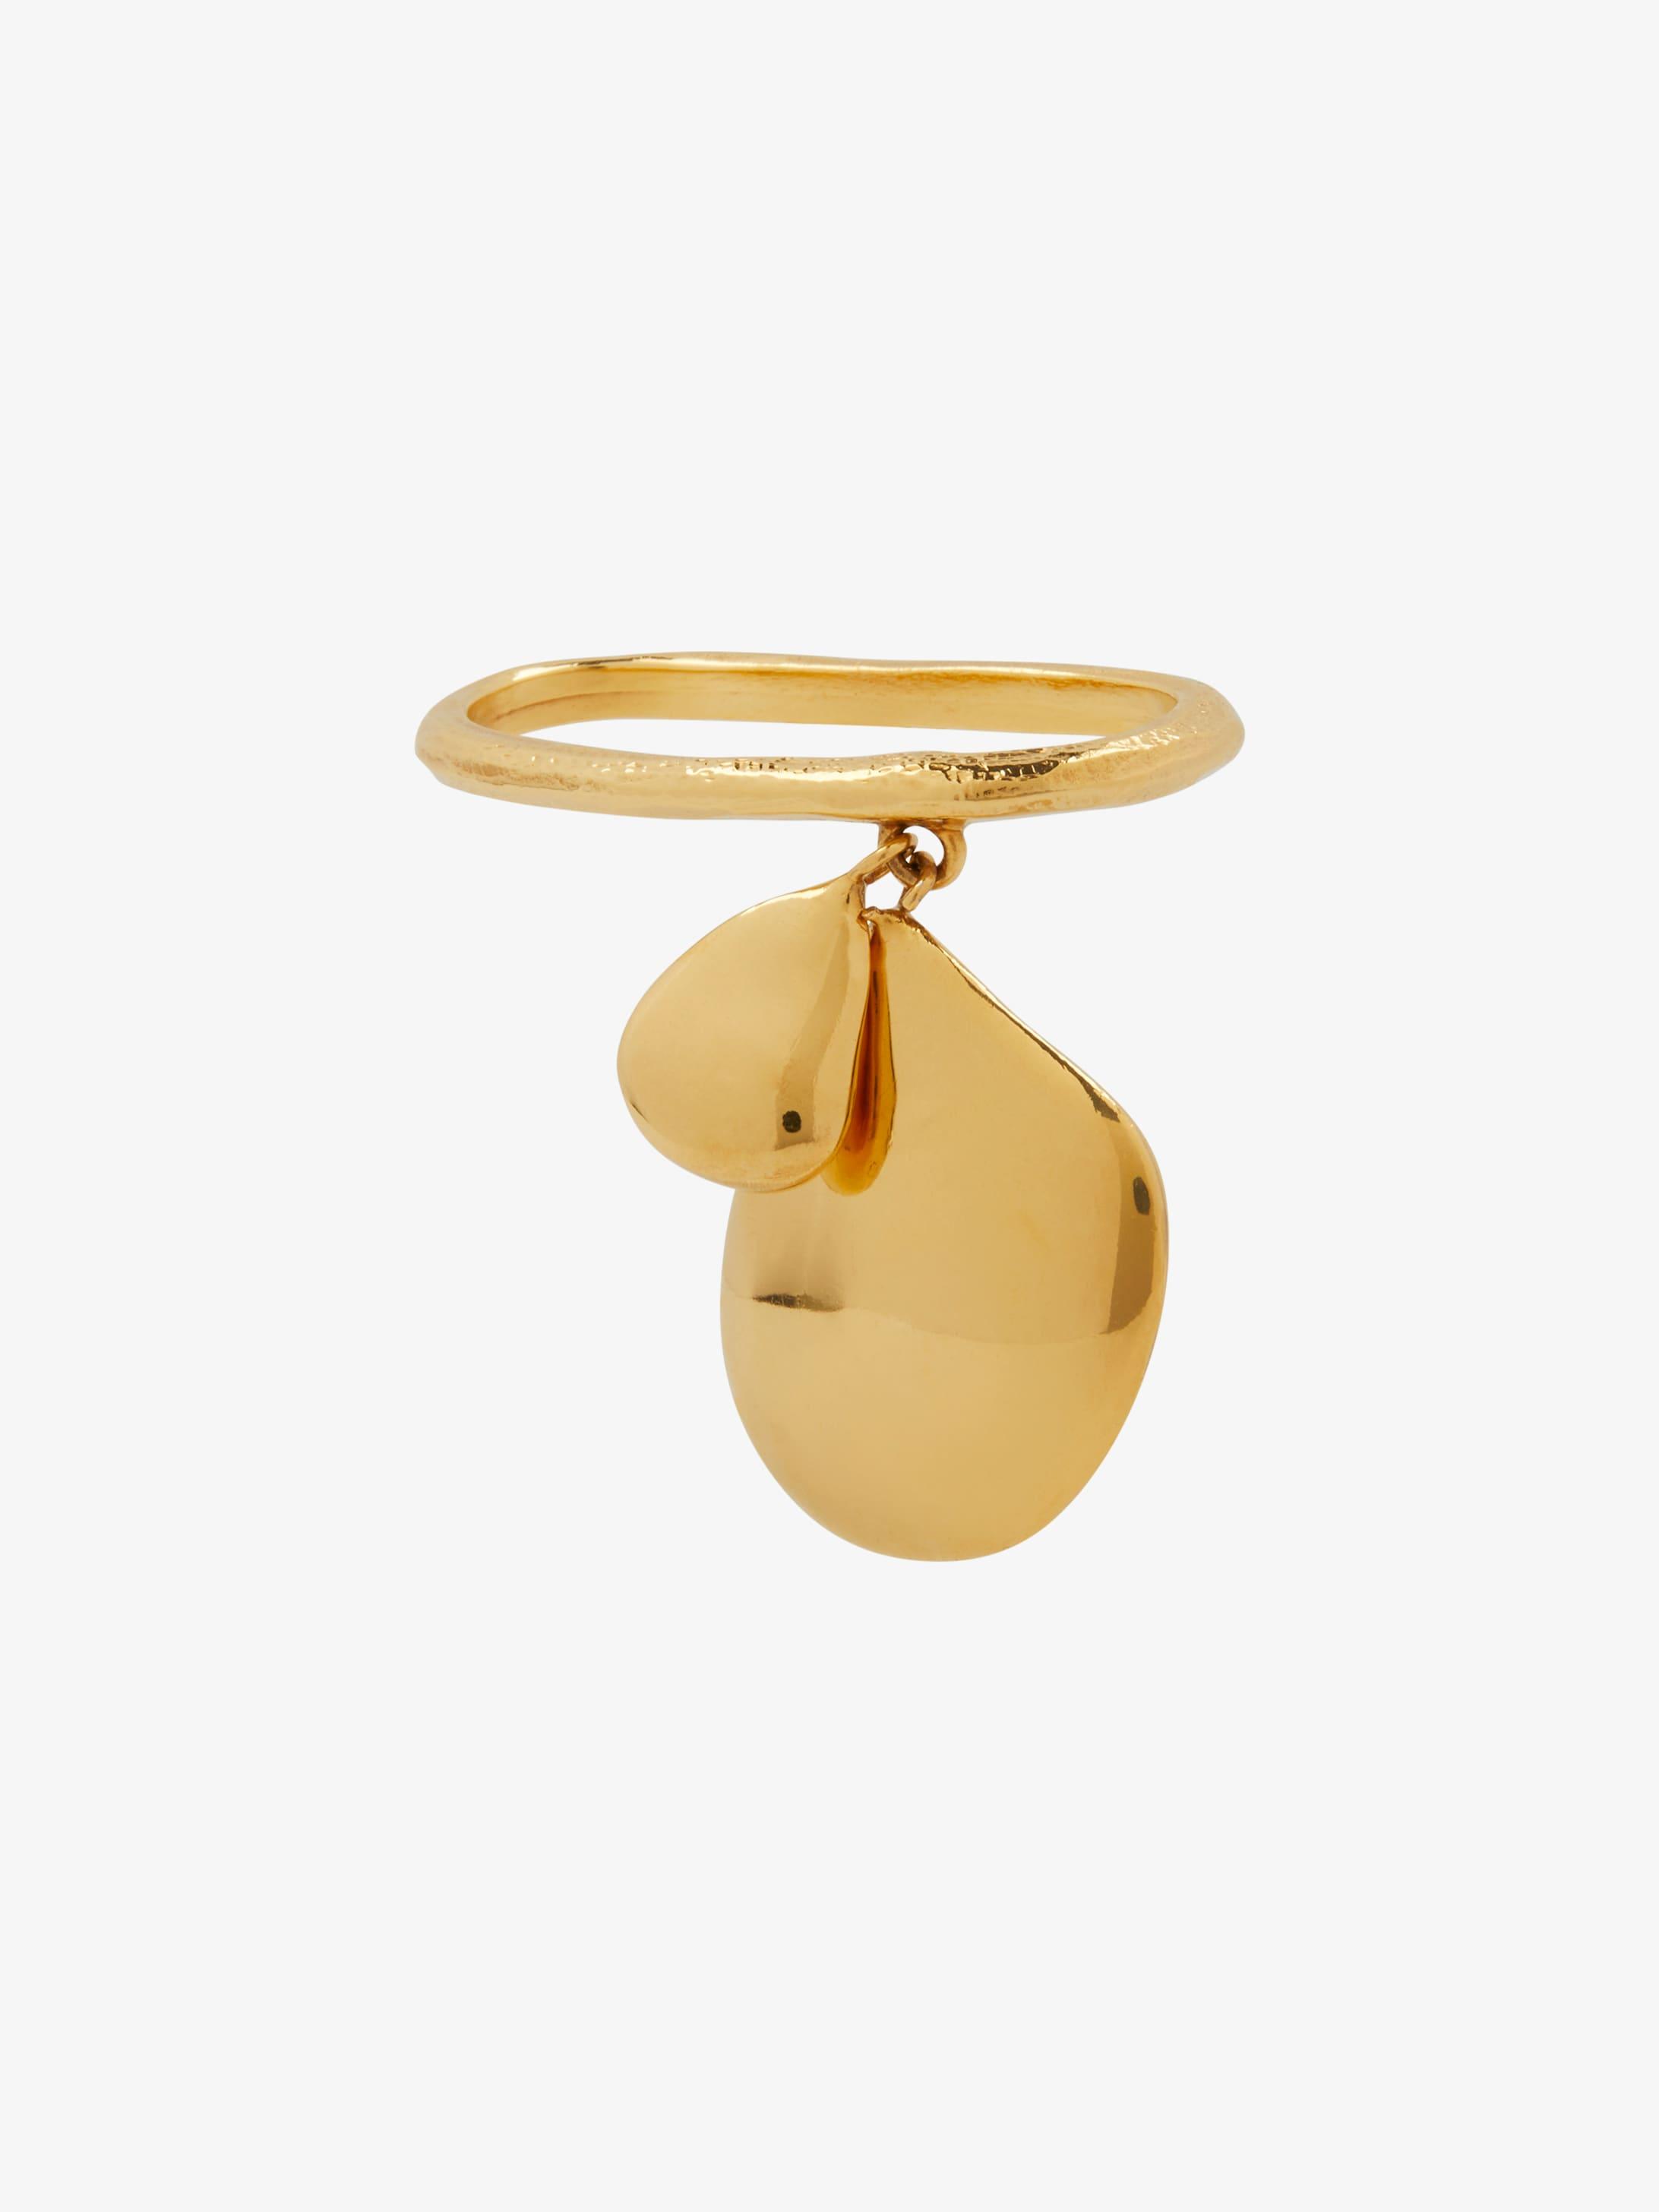 Double finger pendant ring